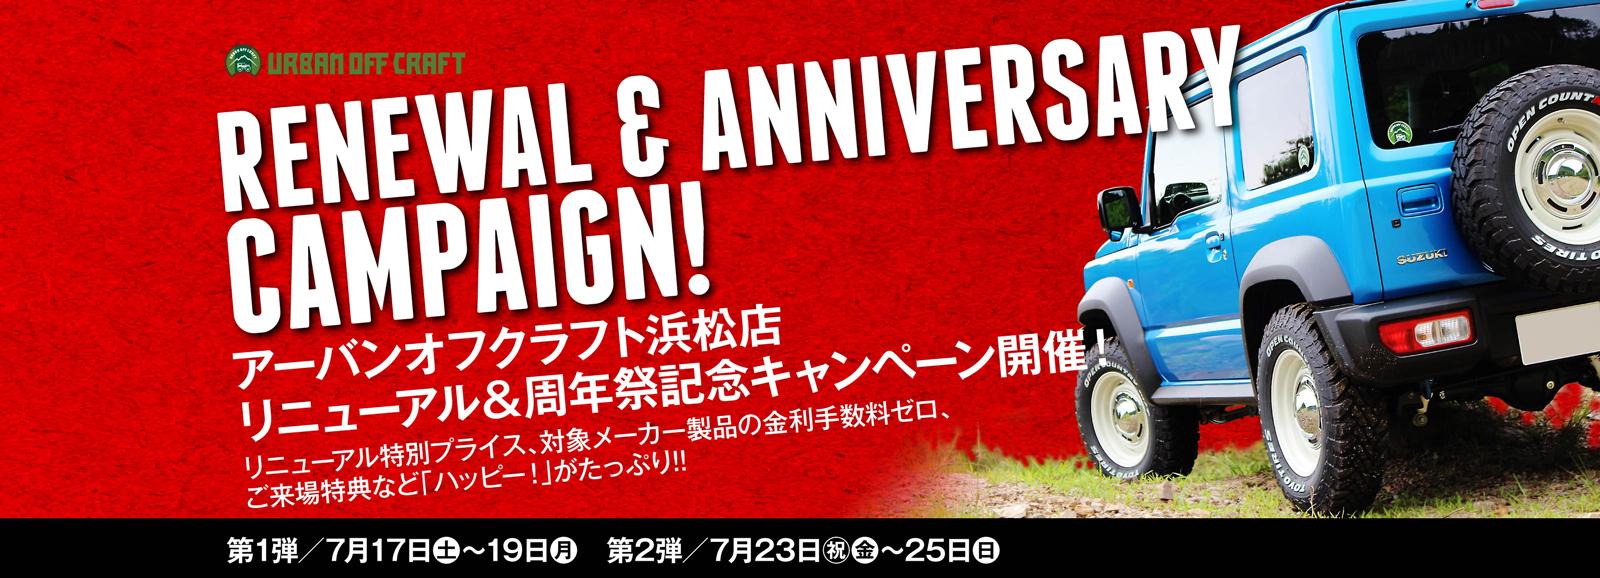 アーバンオフクラフト浜松店リニューアル&周年祭開催!